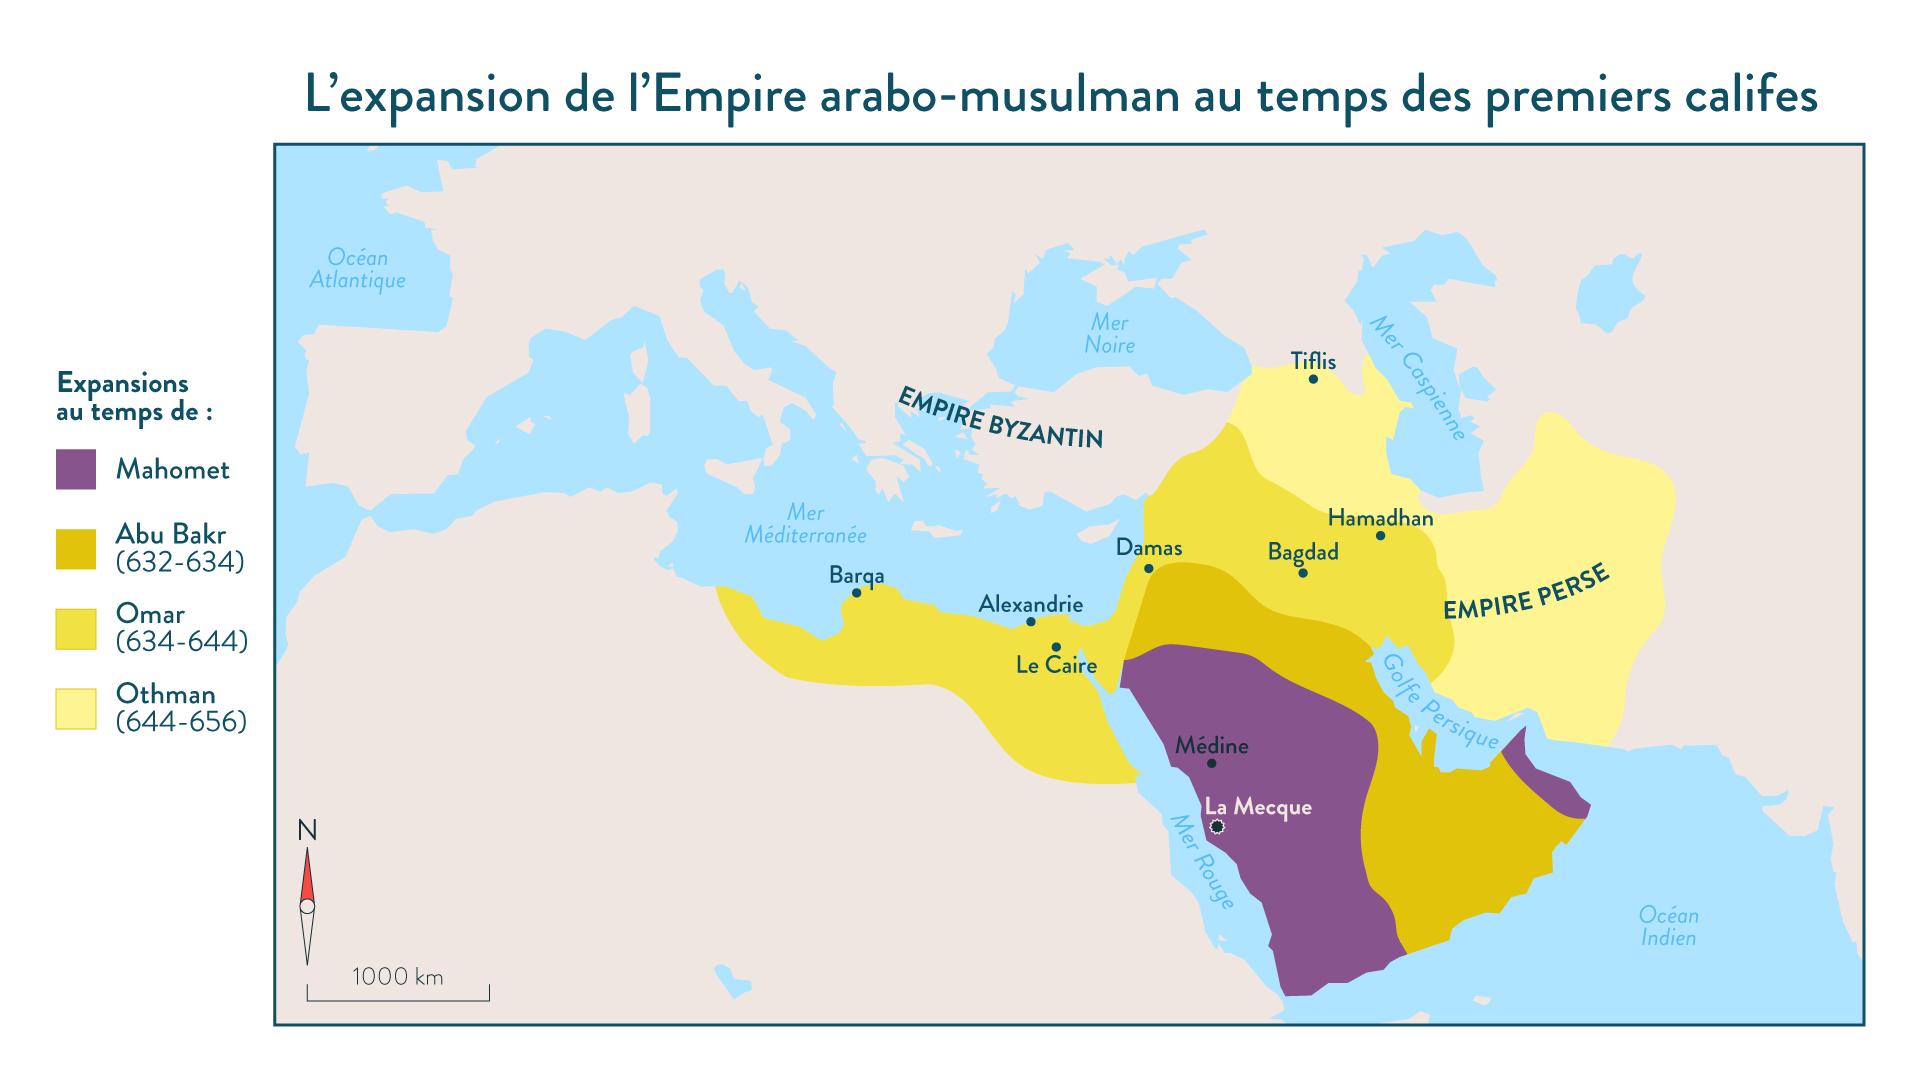 L'expansion de l'Empire arabo-musulman au temps des premiers califes - 5e - histoire